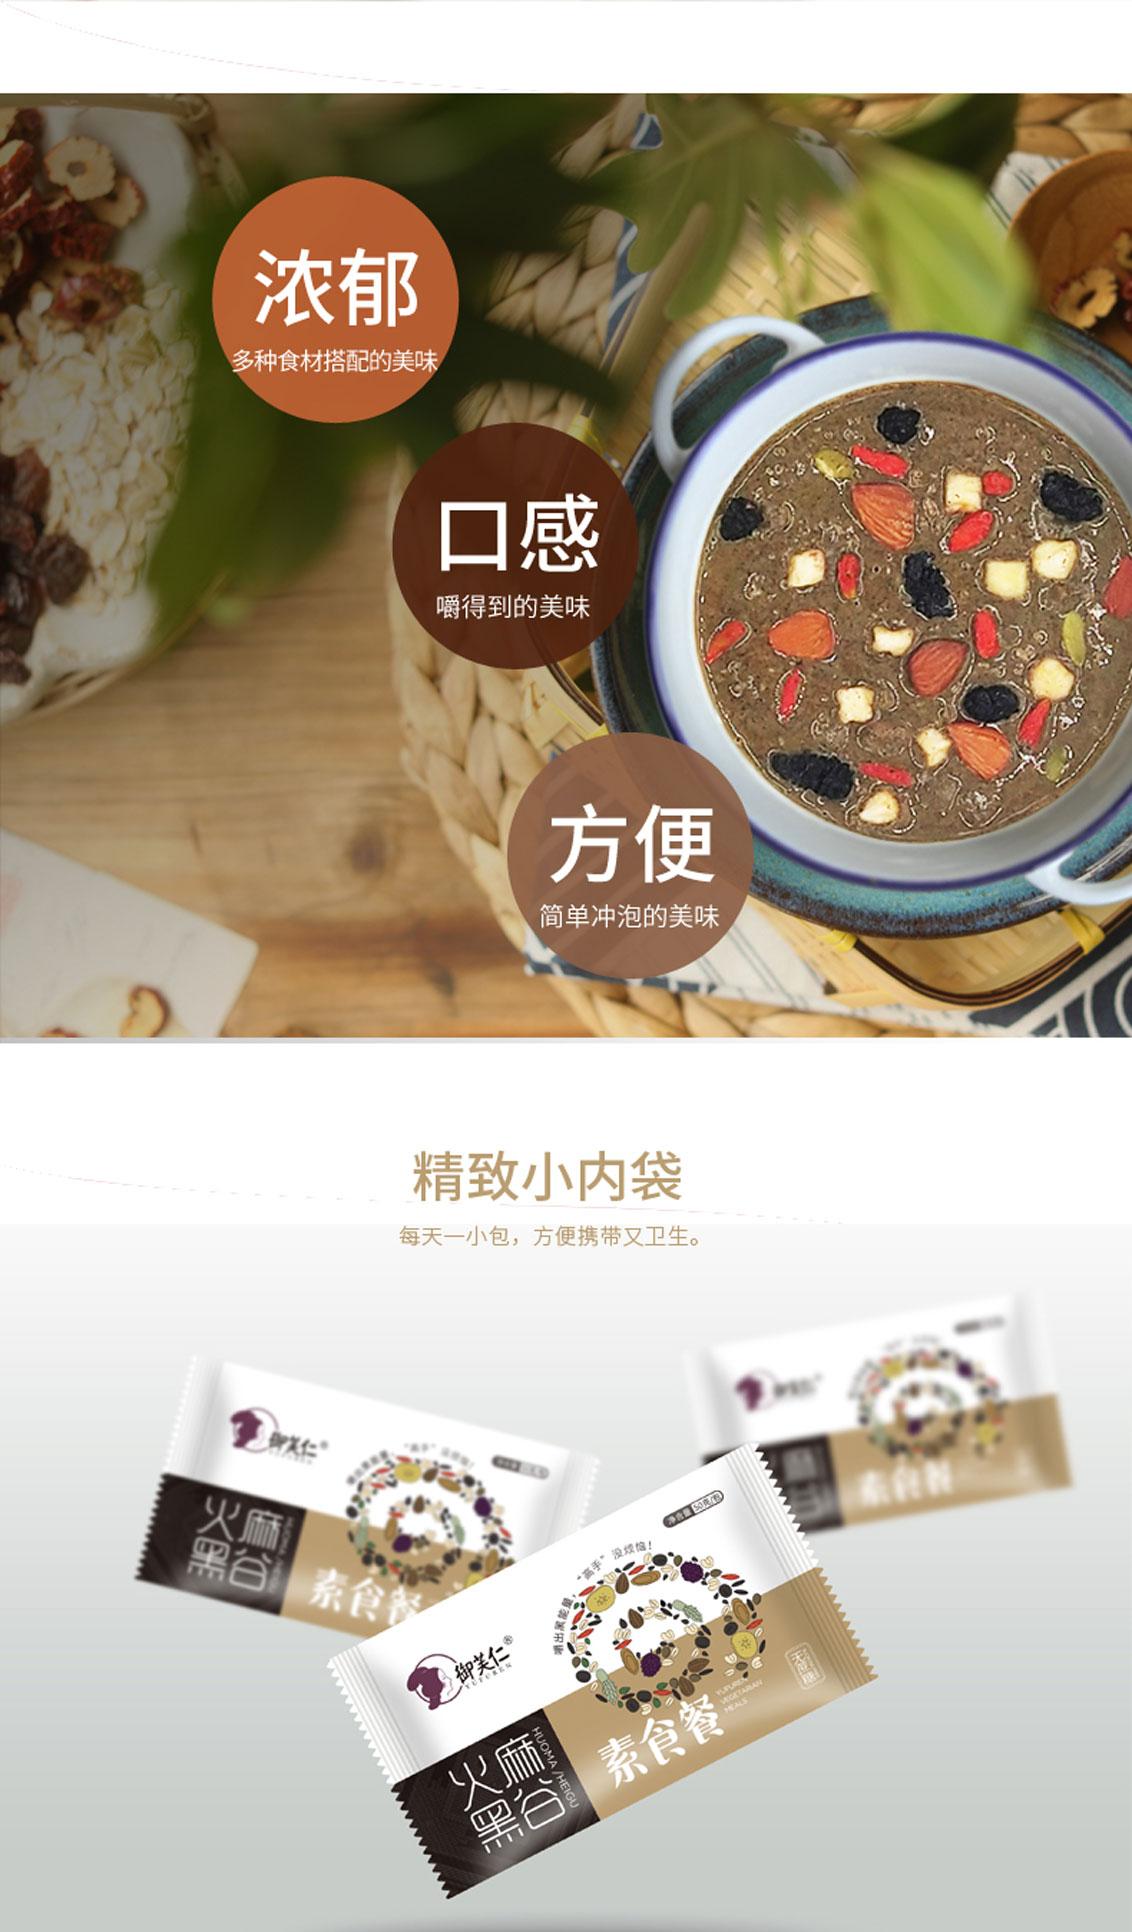 火麻黑谷素食餐礼盒装-详情页-W_04